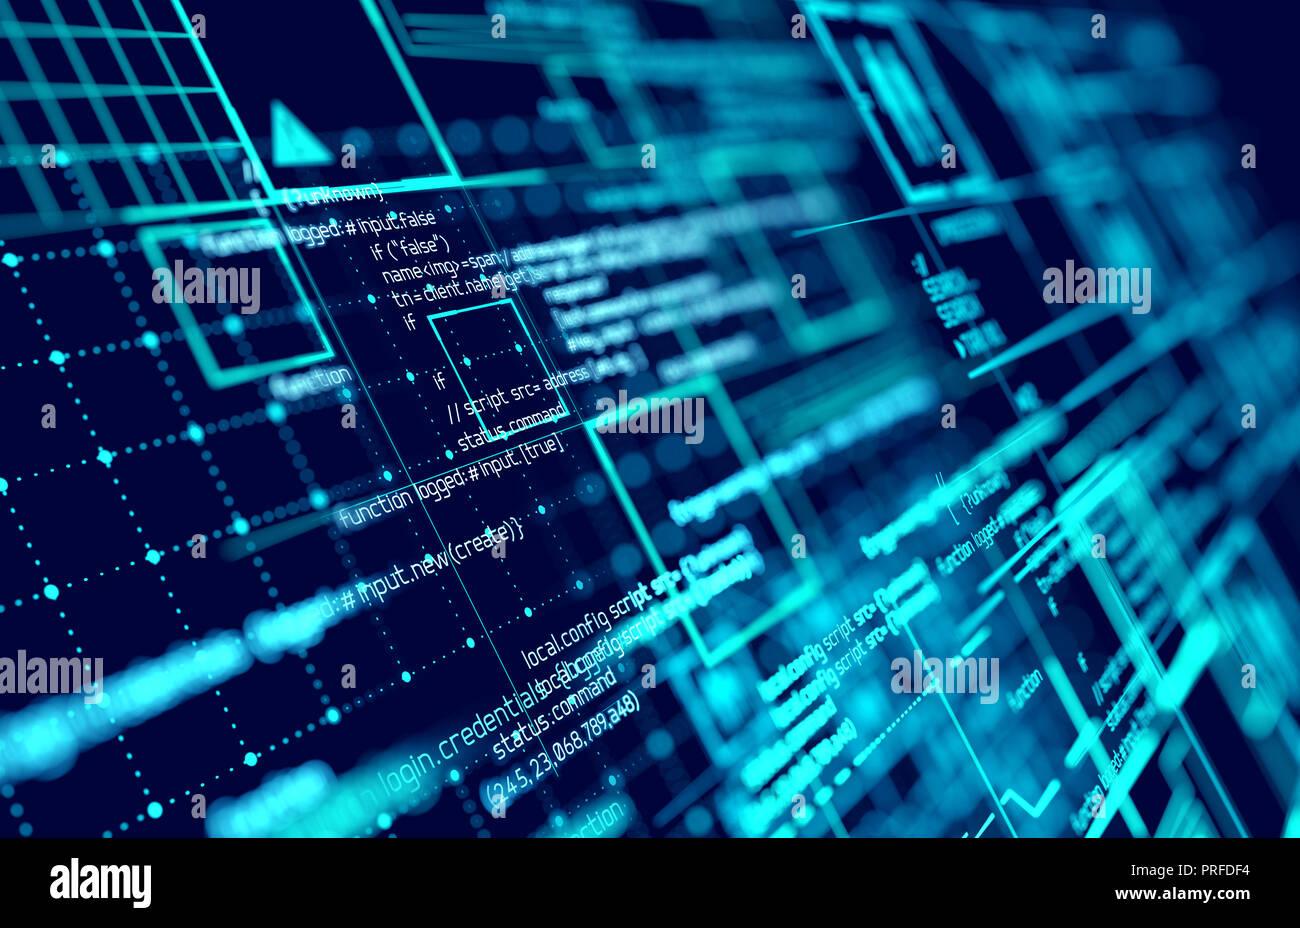 L'interface d'information futuriste avec les connexions de données et schémas de réseau. 3D illustration. Banque D'Images